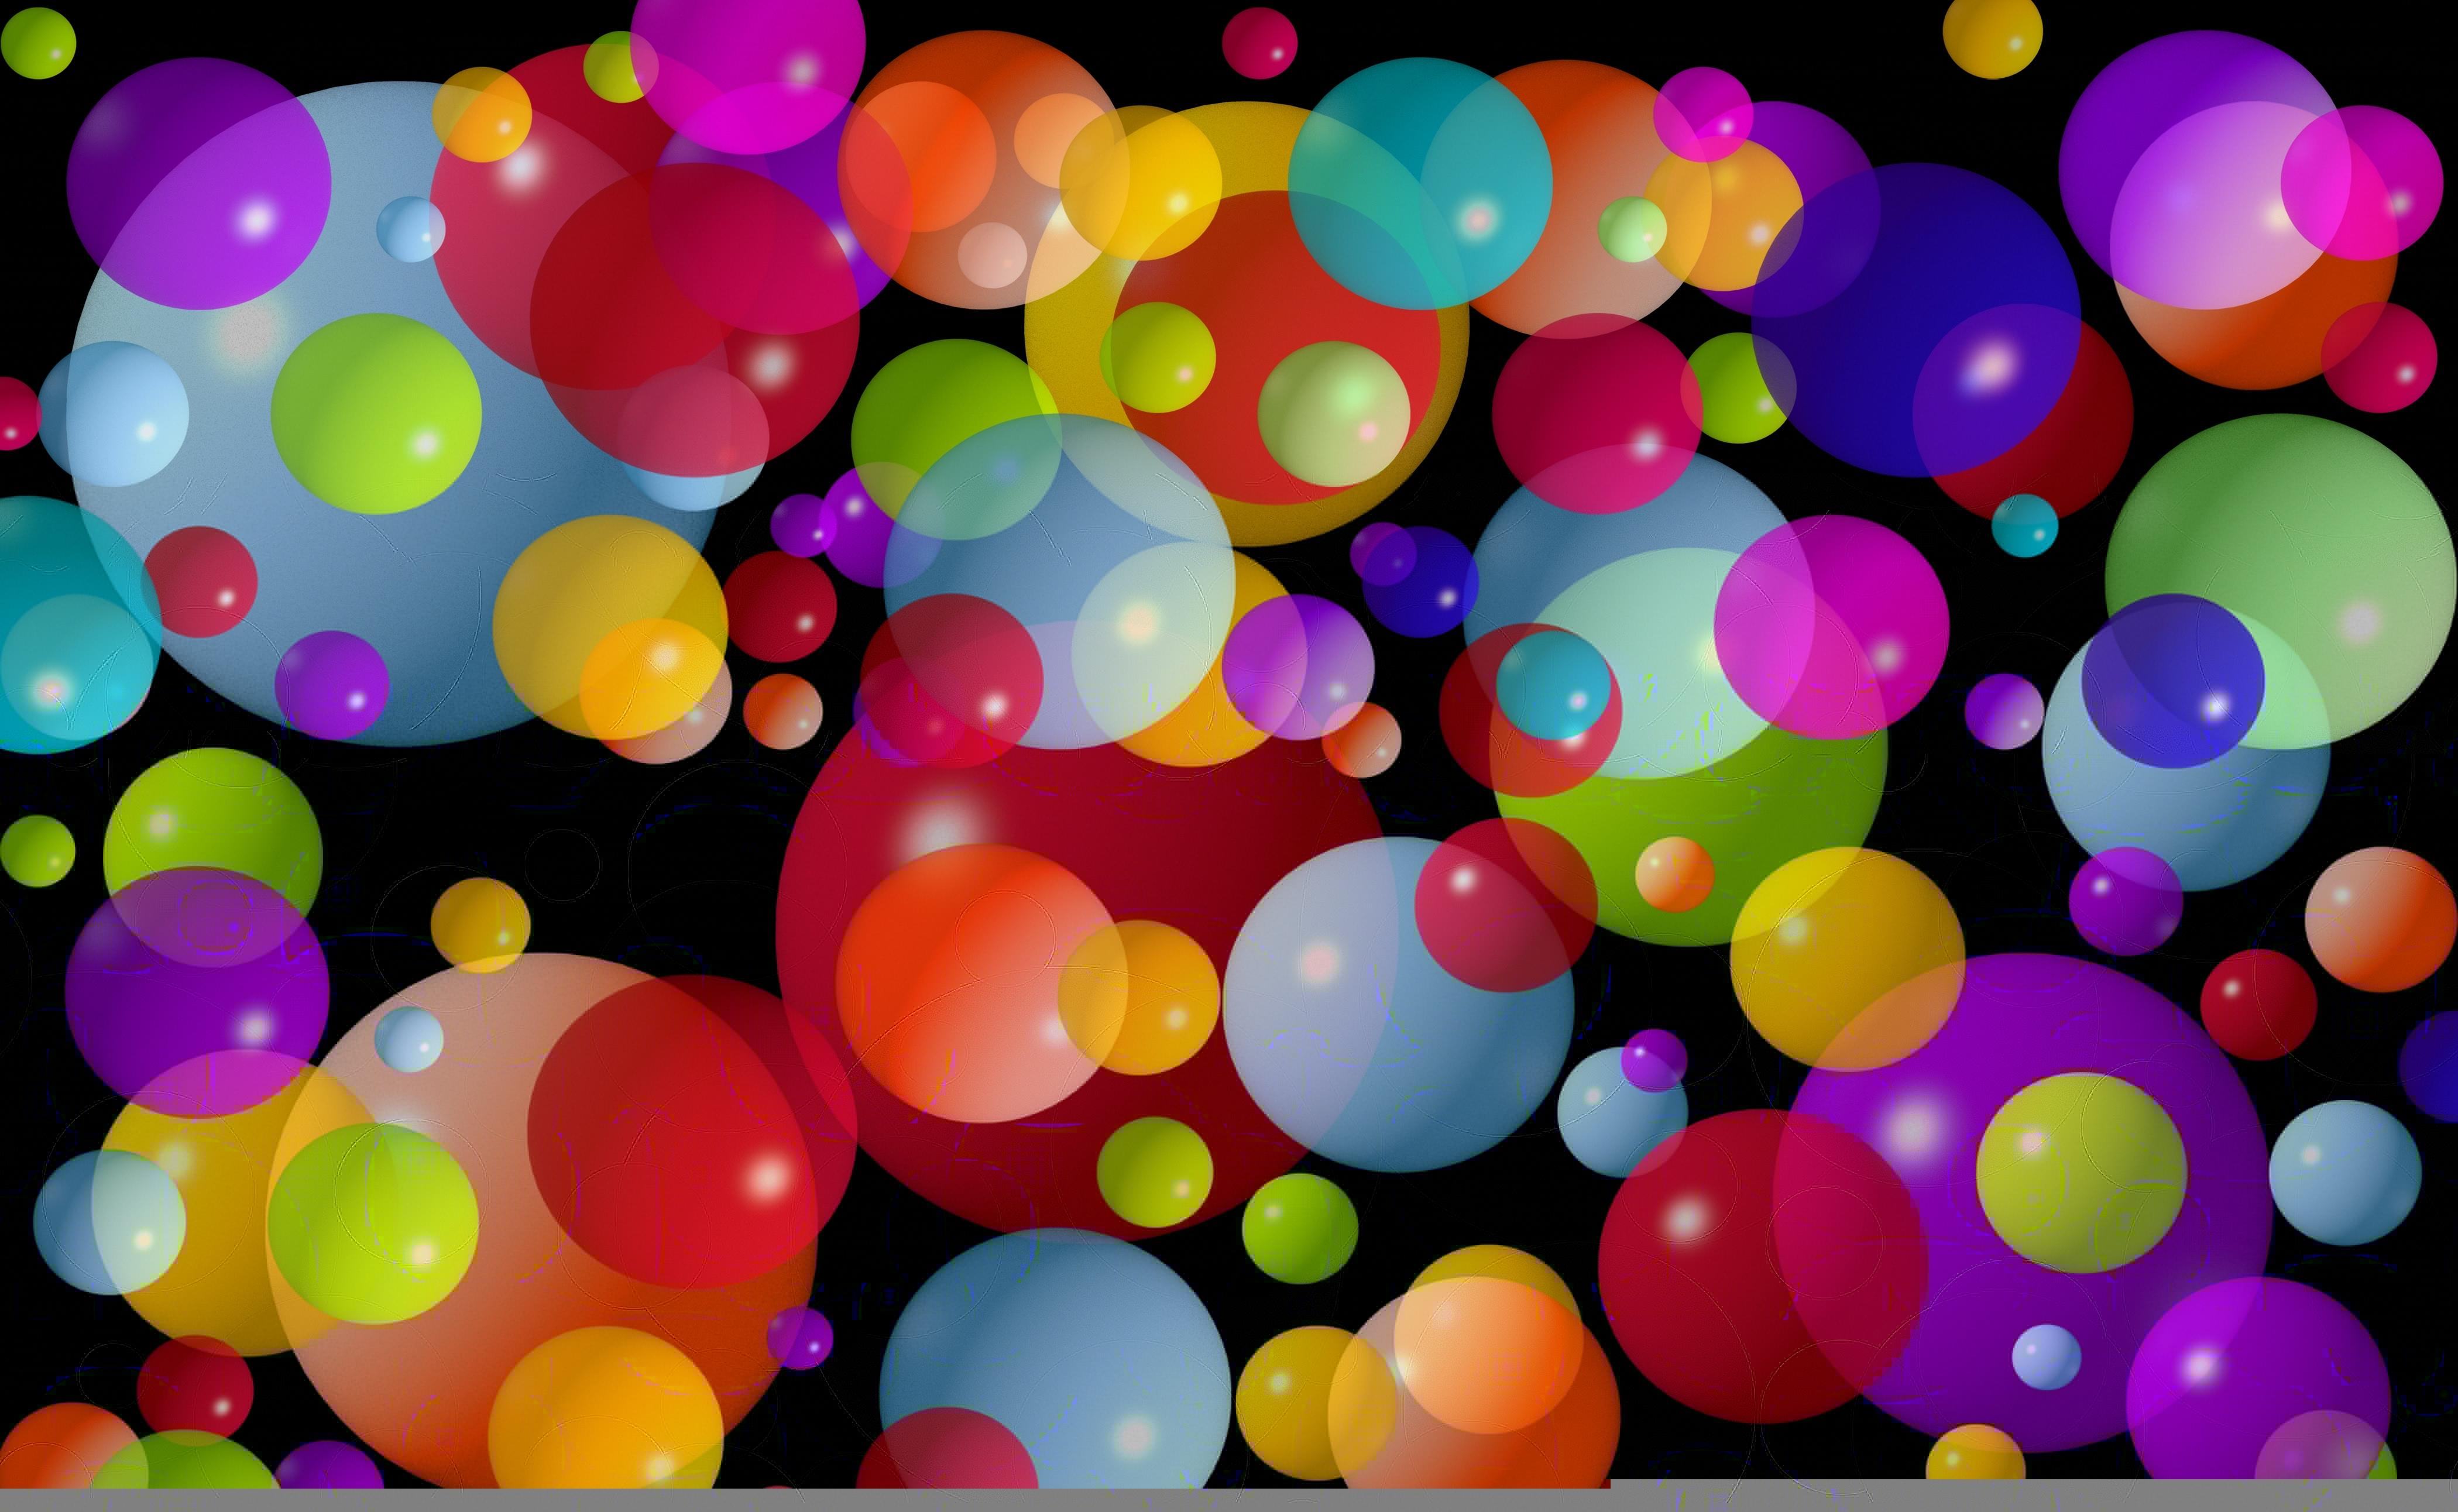 Огни цветные шарики  № 3560996 бесплатно